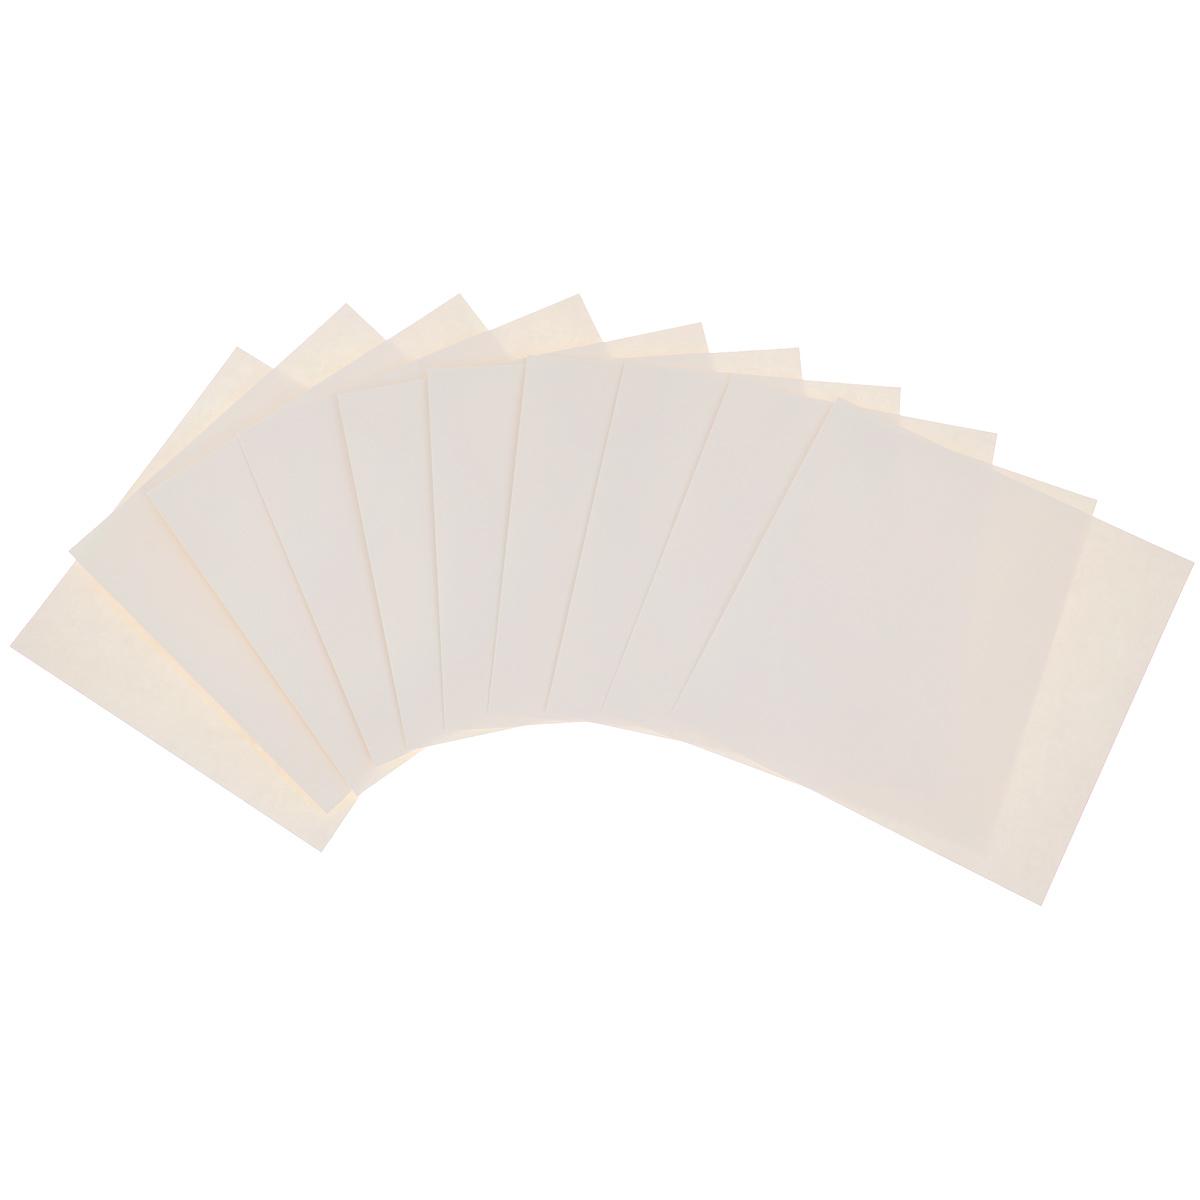 Набор обложек Zutter, 10,3 см х 10,3 см, 10 листовC0042416Набор обложек Zutter позволит создать красивый альбом, блокнот или открытку ручной работы. Набор включает 10 листов однотонной плотной бумаги.Скрапбукинг - это хобби, которое способно приносить массу приятных эмоций не только человеку, который этим занимается, но и его близким, друзьям, родным. Это невероятно увлекательное занятие, которое поможет вам сохранить наиболее памятные и яркие моменты вашей жизни, а также интересно оформить интерьер дома.Размер: 10,3 см х 10,3 см.